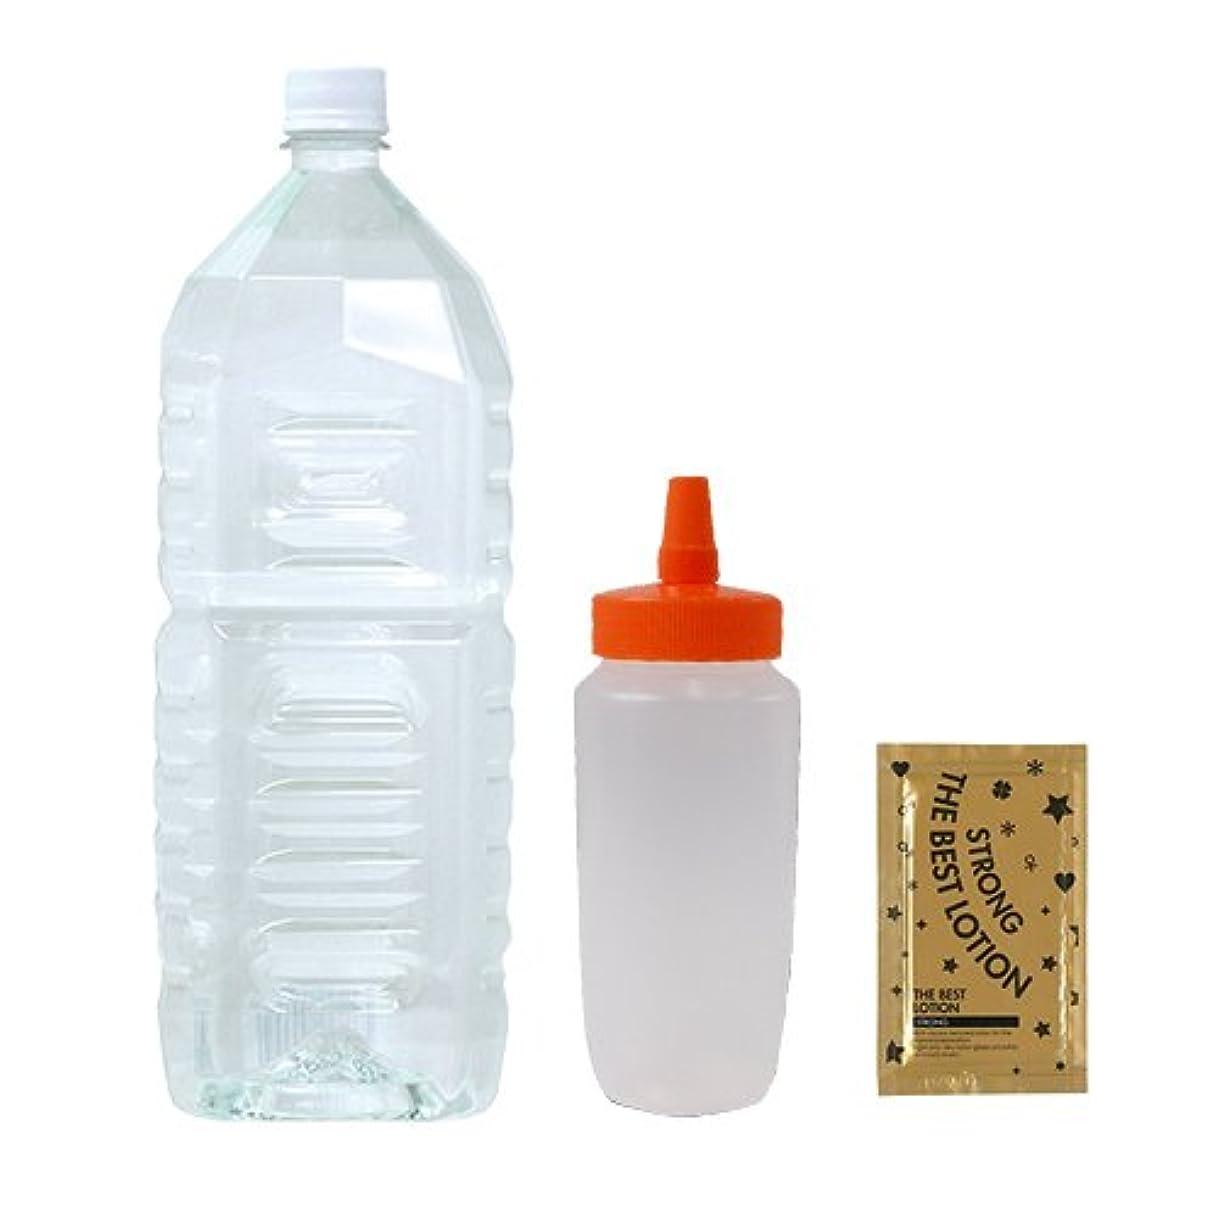 測定コミュニティ与えるクリアローション 2Lペットボトル ソフトタイプ 業務用ローション + はちみつ容器360ml(オレンジキャップ)+ ベストローションストロング 1包付き セット